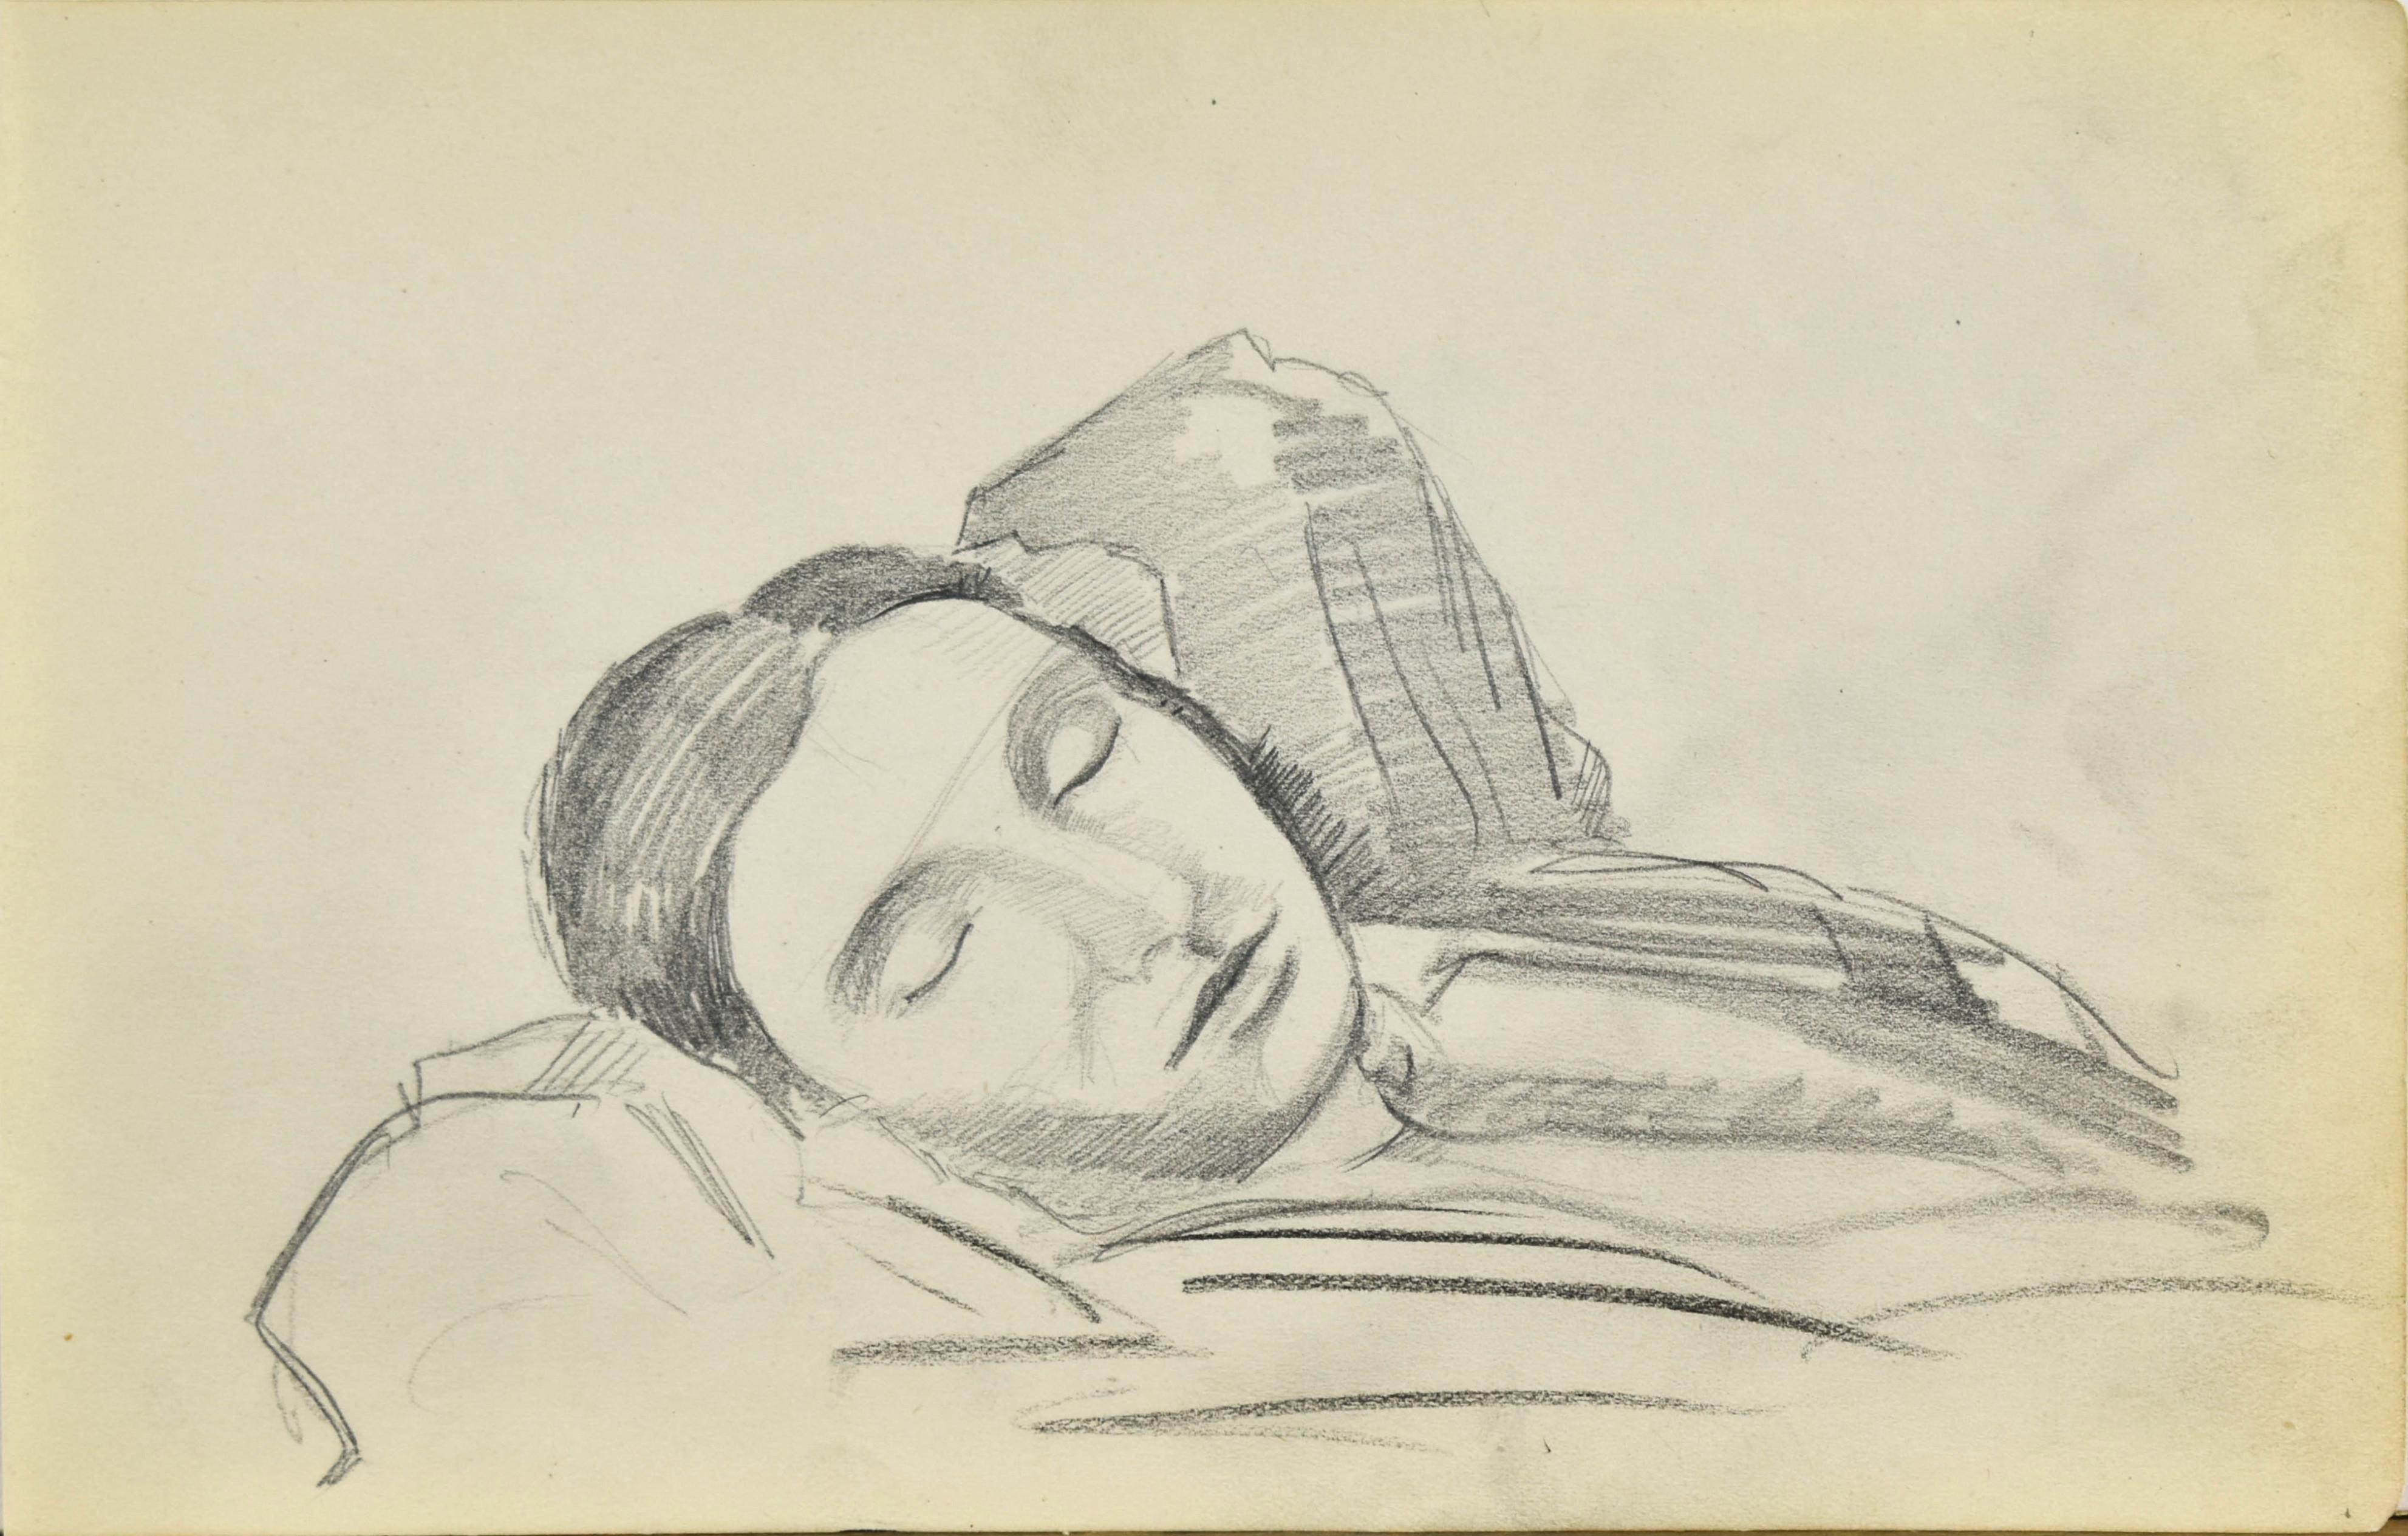 Szkic popiersia śpiącej kobiety z rękami uniesionymi za głowę